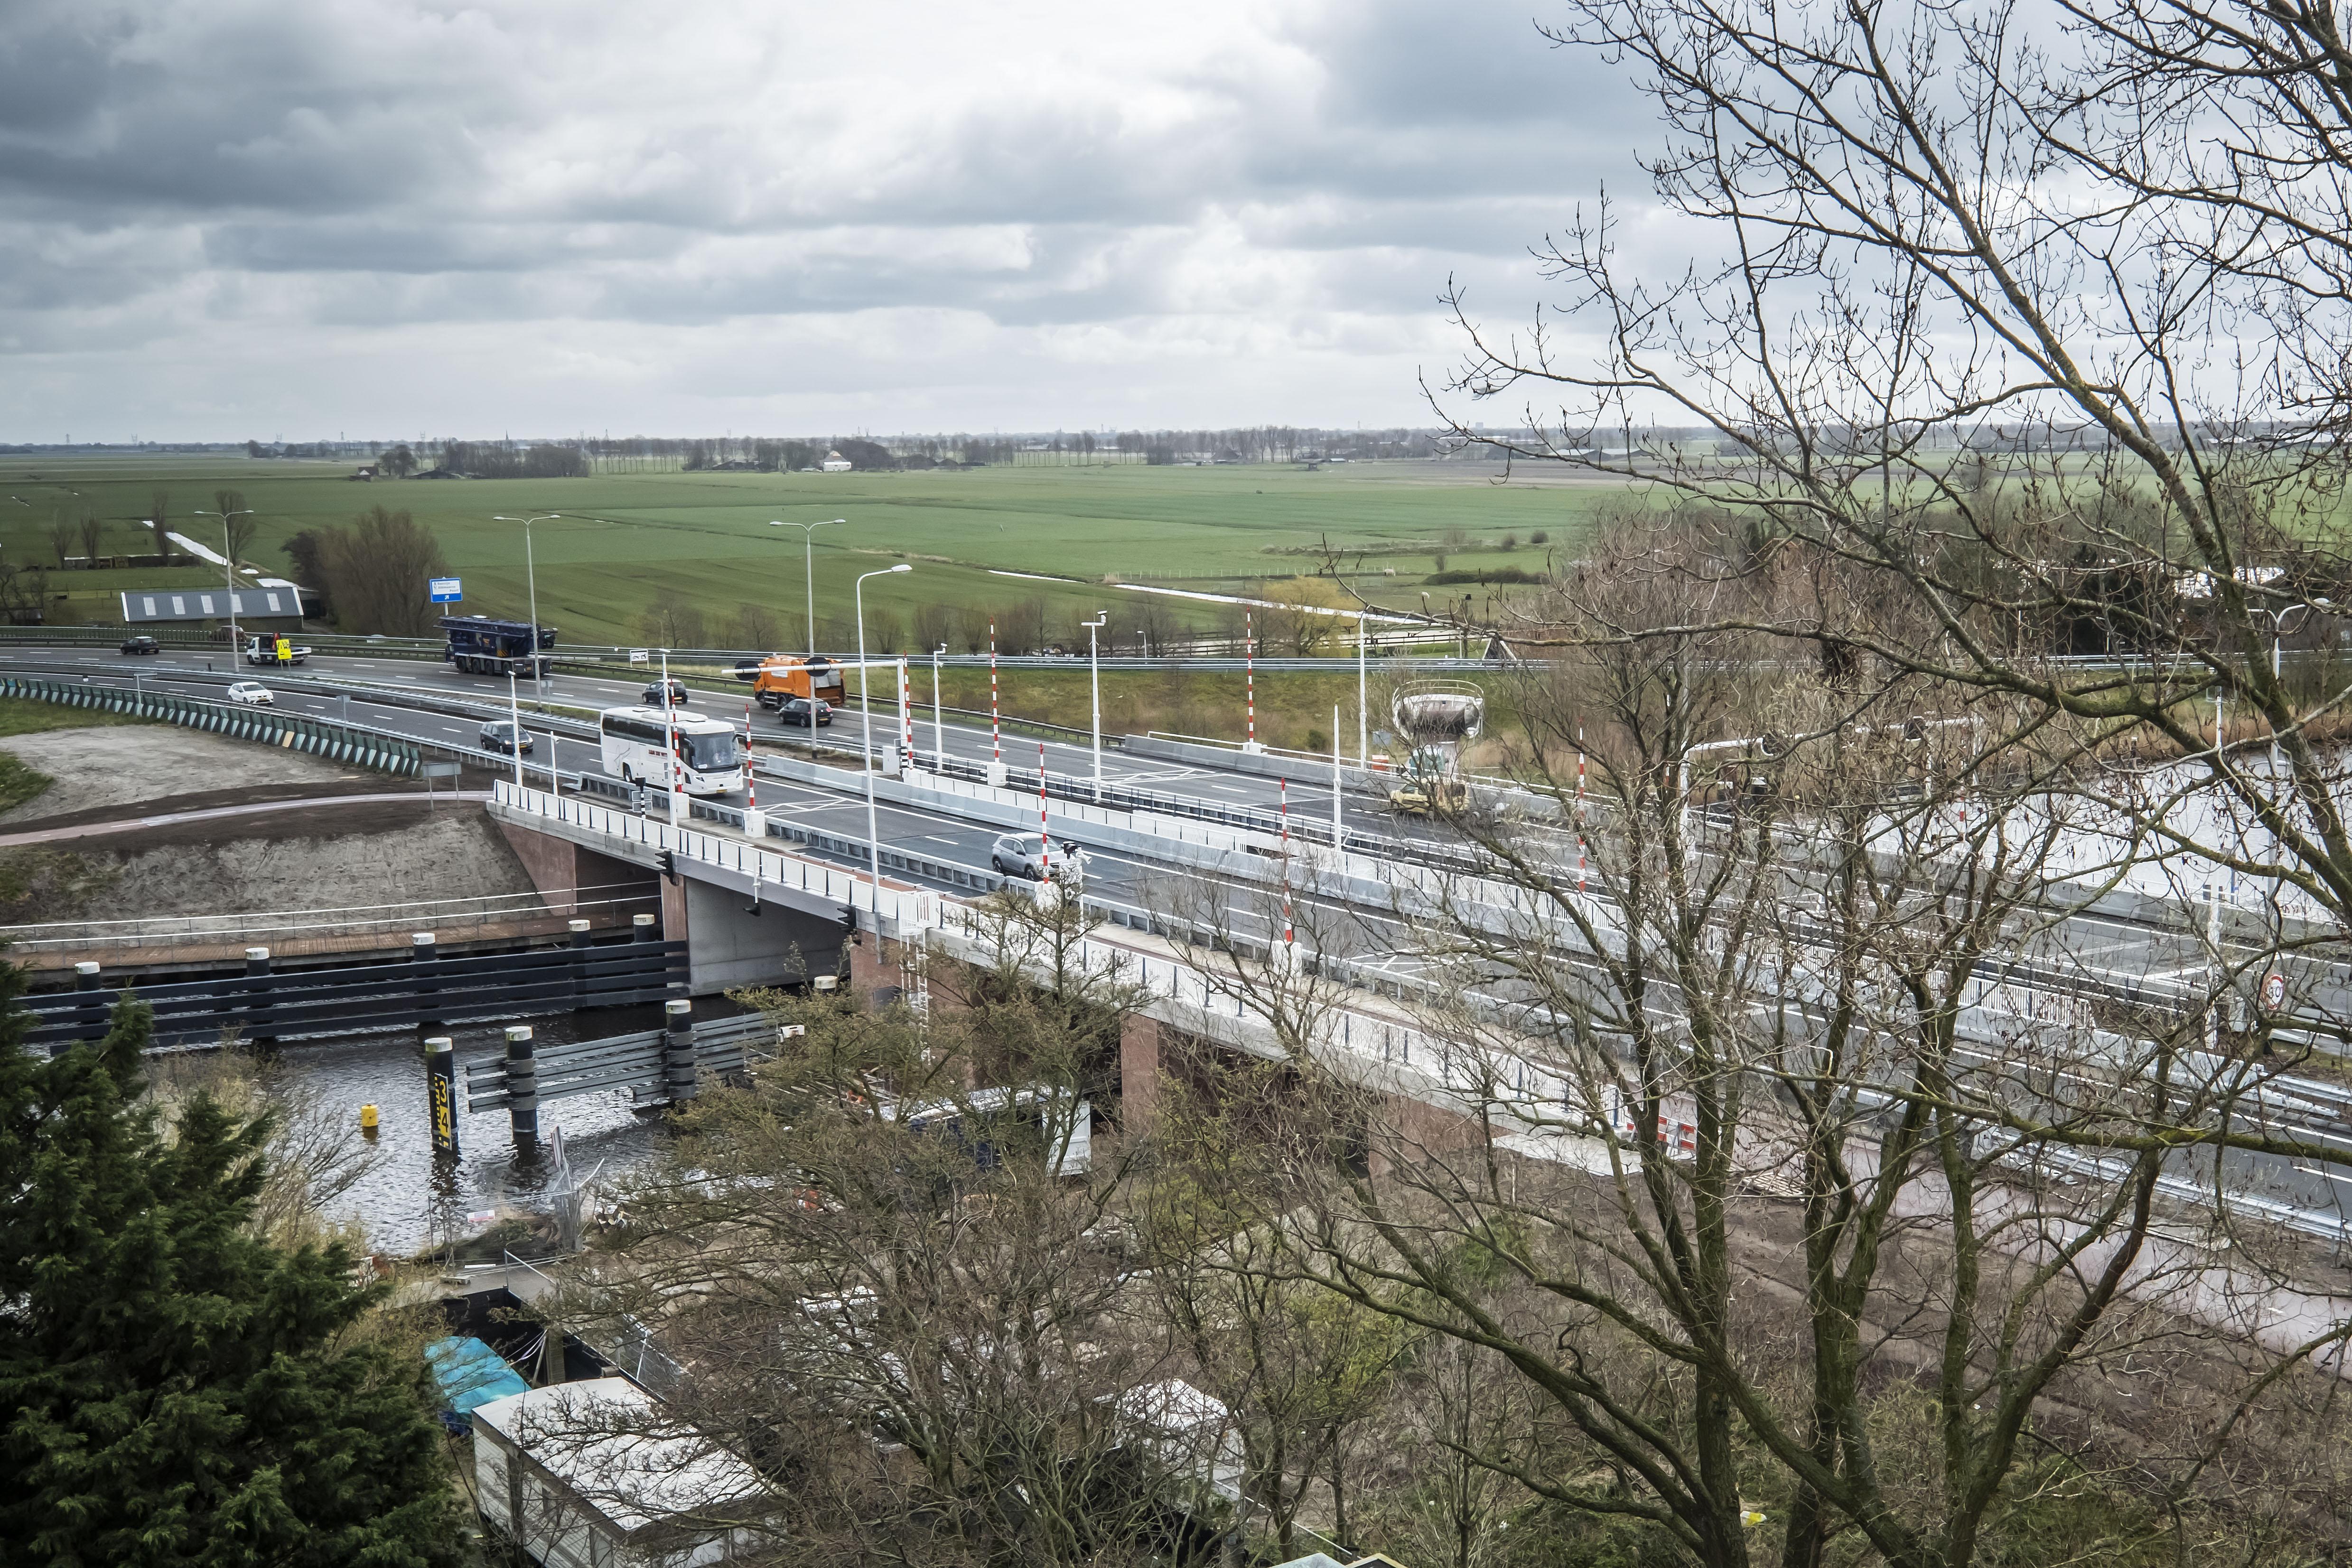 Zorgen over bereikbaarheid Heerhugowaard door storingsgevoelige Leeghwaterbrug